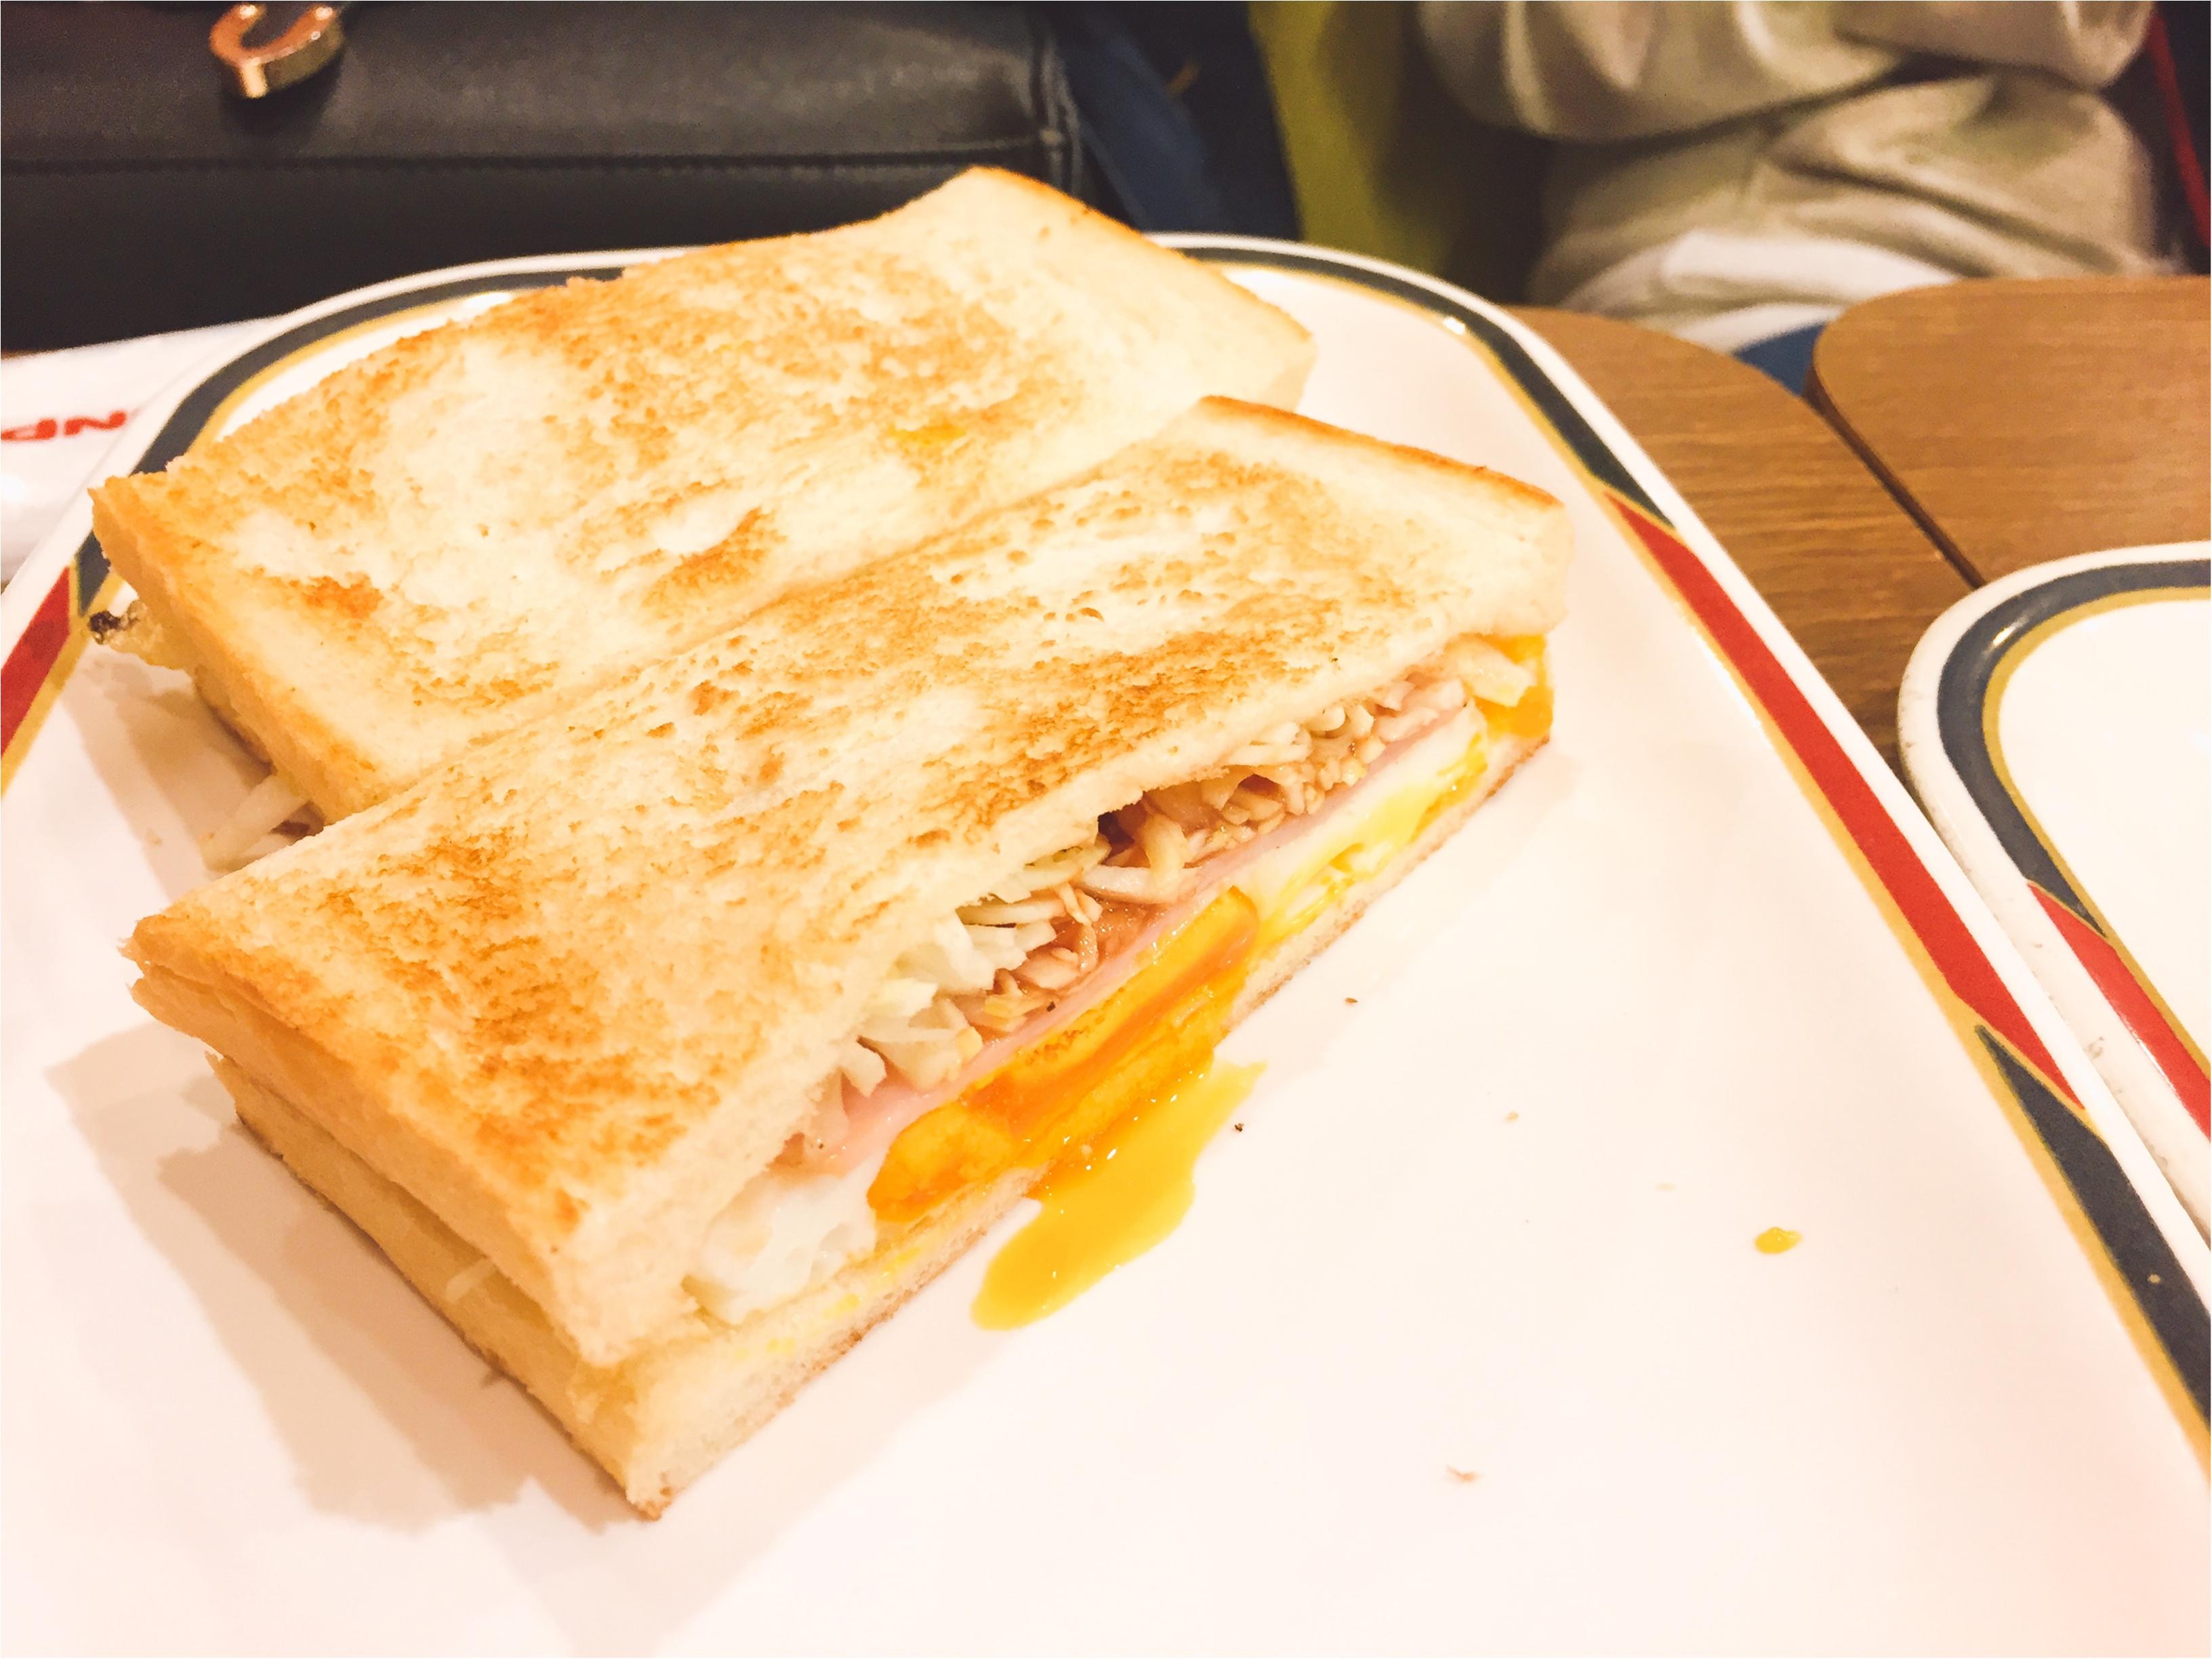 名古屋に行ったら人気の喫茶店『コンパル』でモーニングはいかが?_2